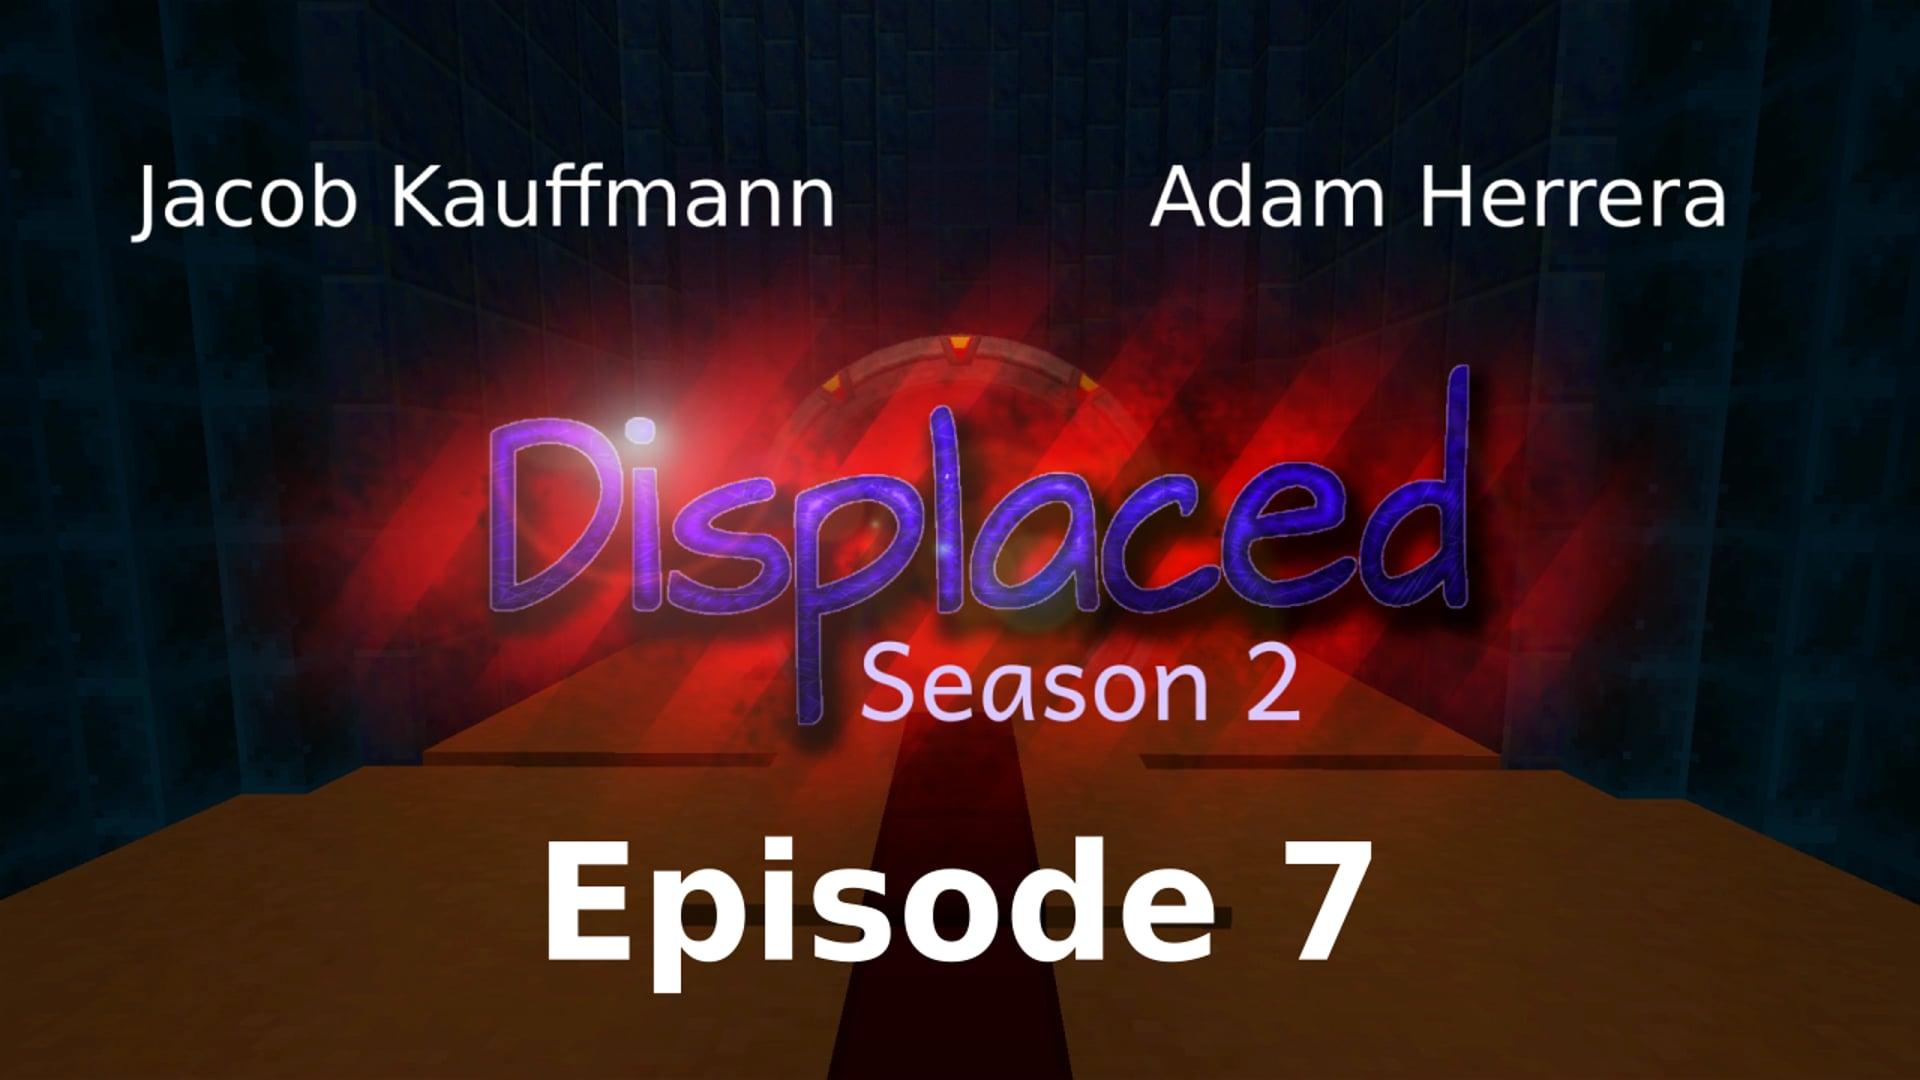 Episode 7 - Displaced: Season 2